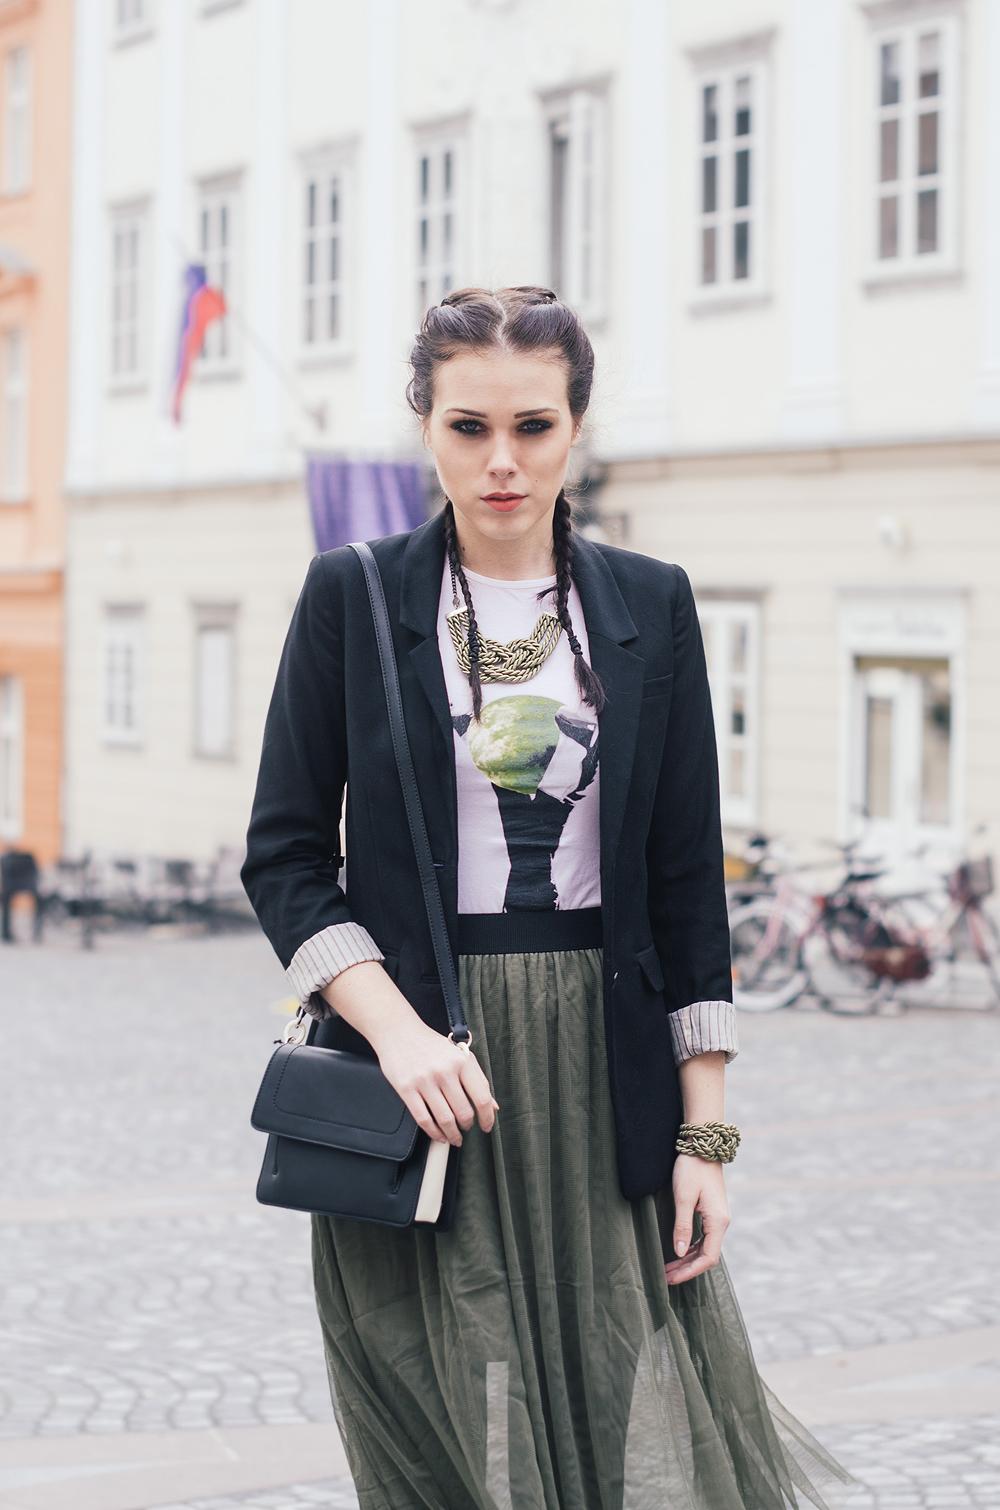 Eva Ahačevčič_Love, Eva_Tutu skirt_Katja Koselj Jewelry_Double boxer bradis_OOTD_Street style 4